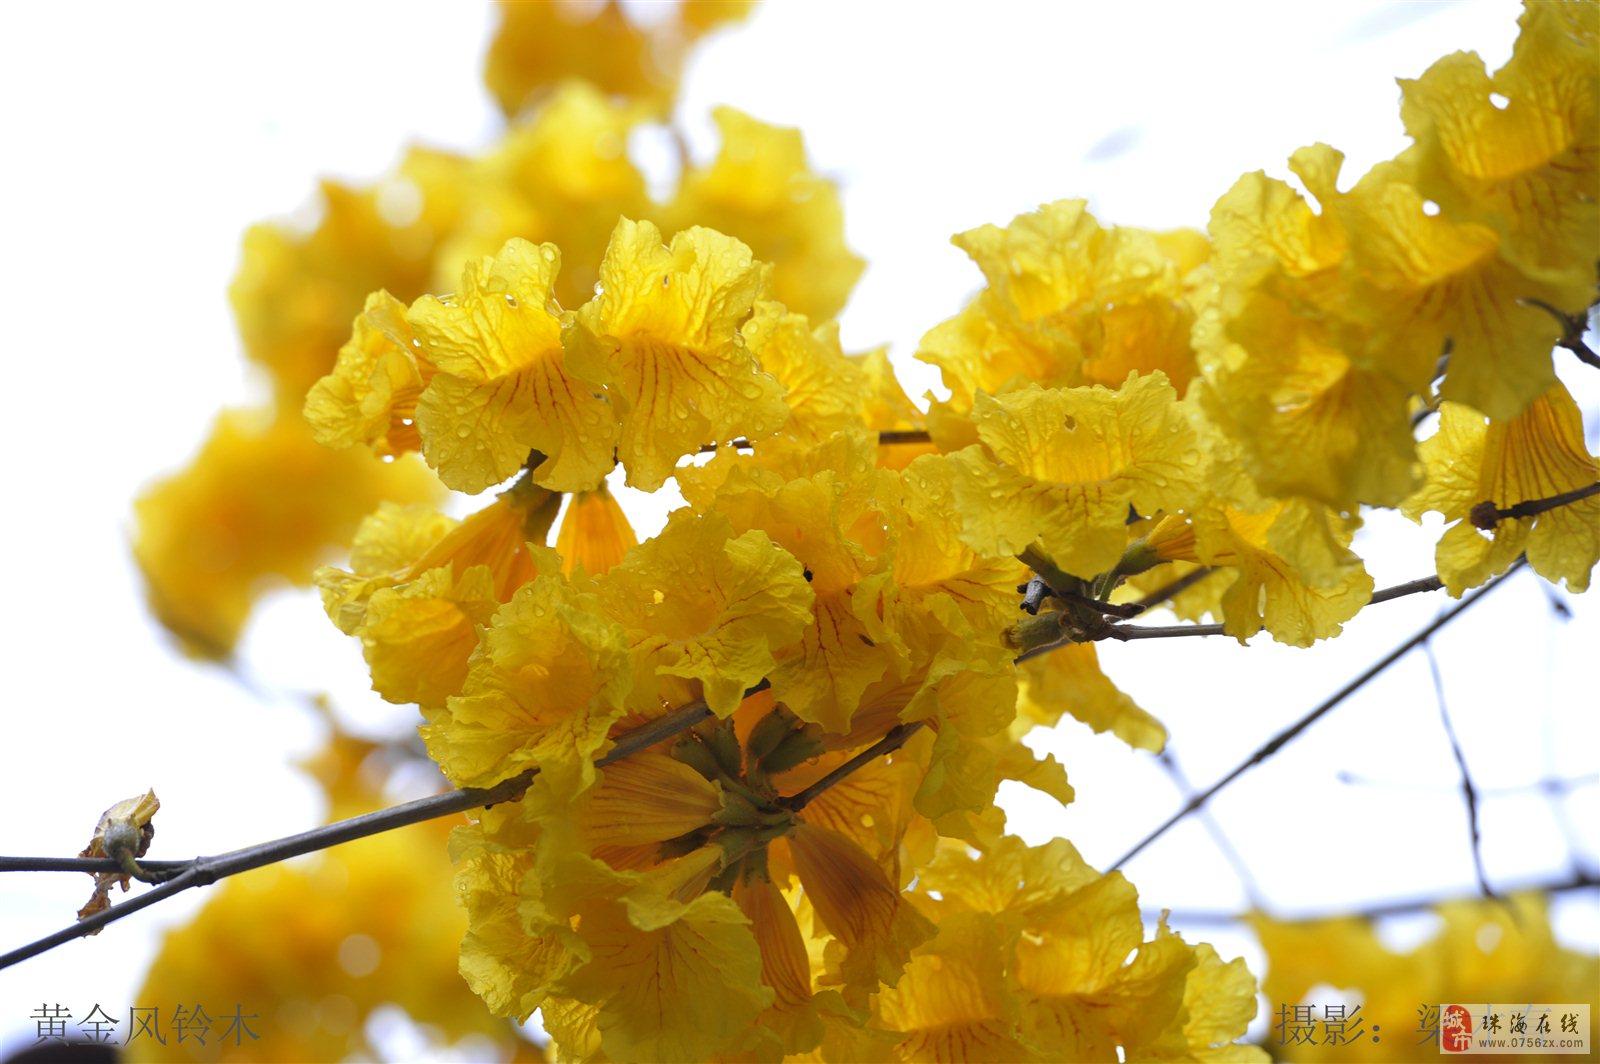 《花》你若盛开,蝴蝶自来―摄于珠海度假村园内 系列2:黄金风铃木